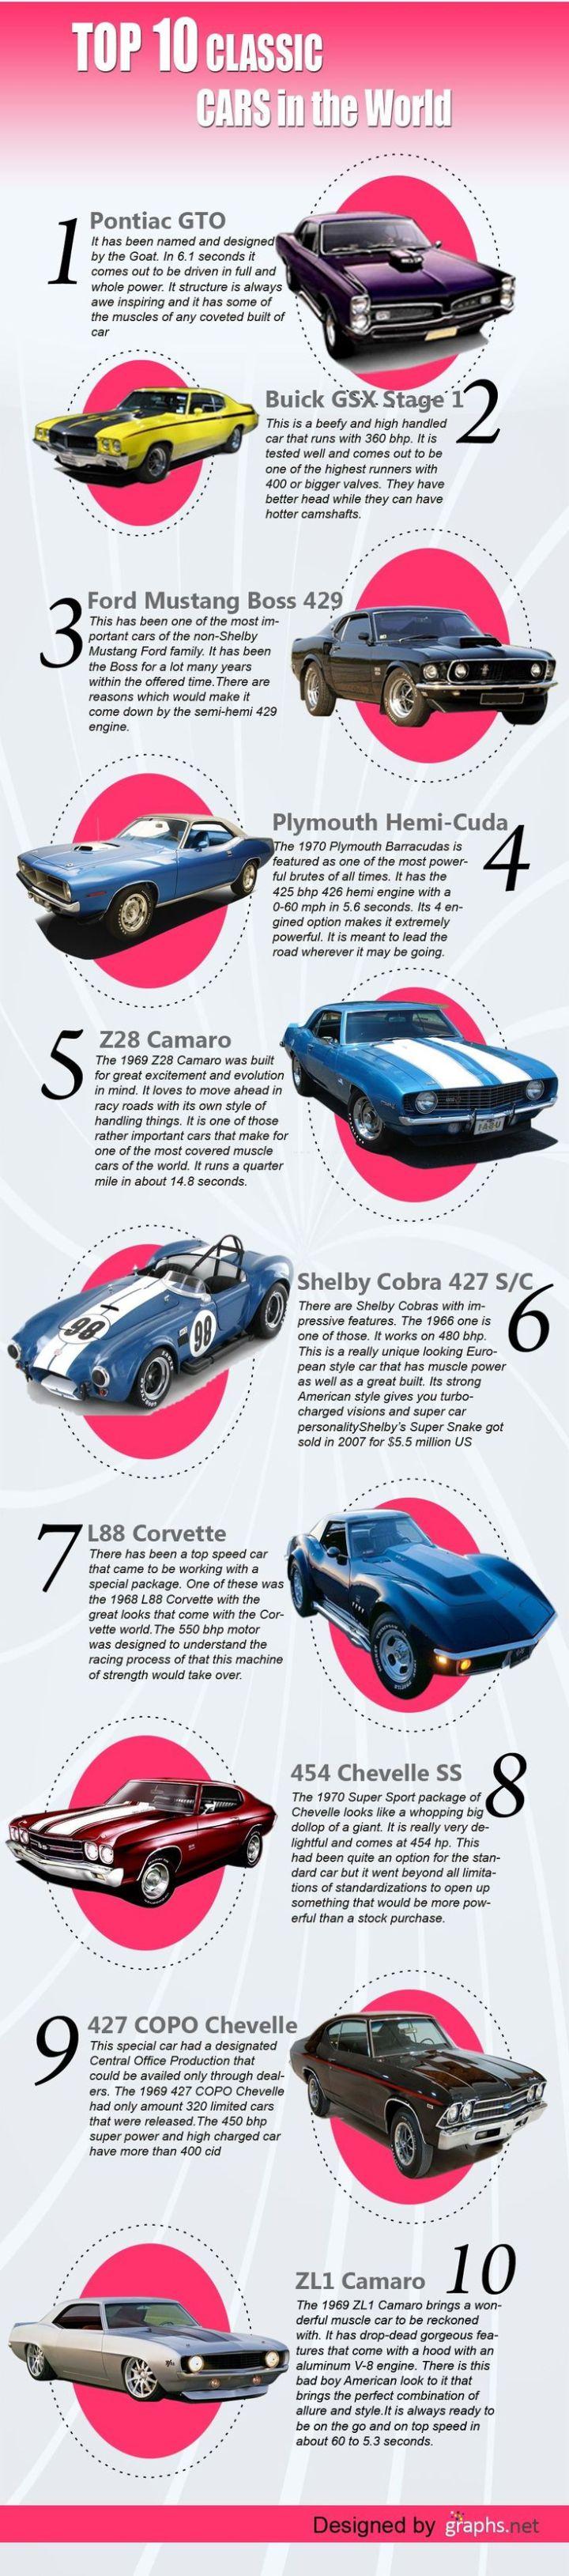 old car list | Carsjp.com